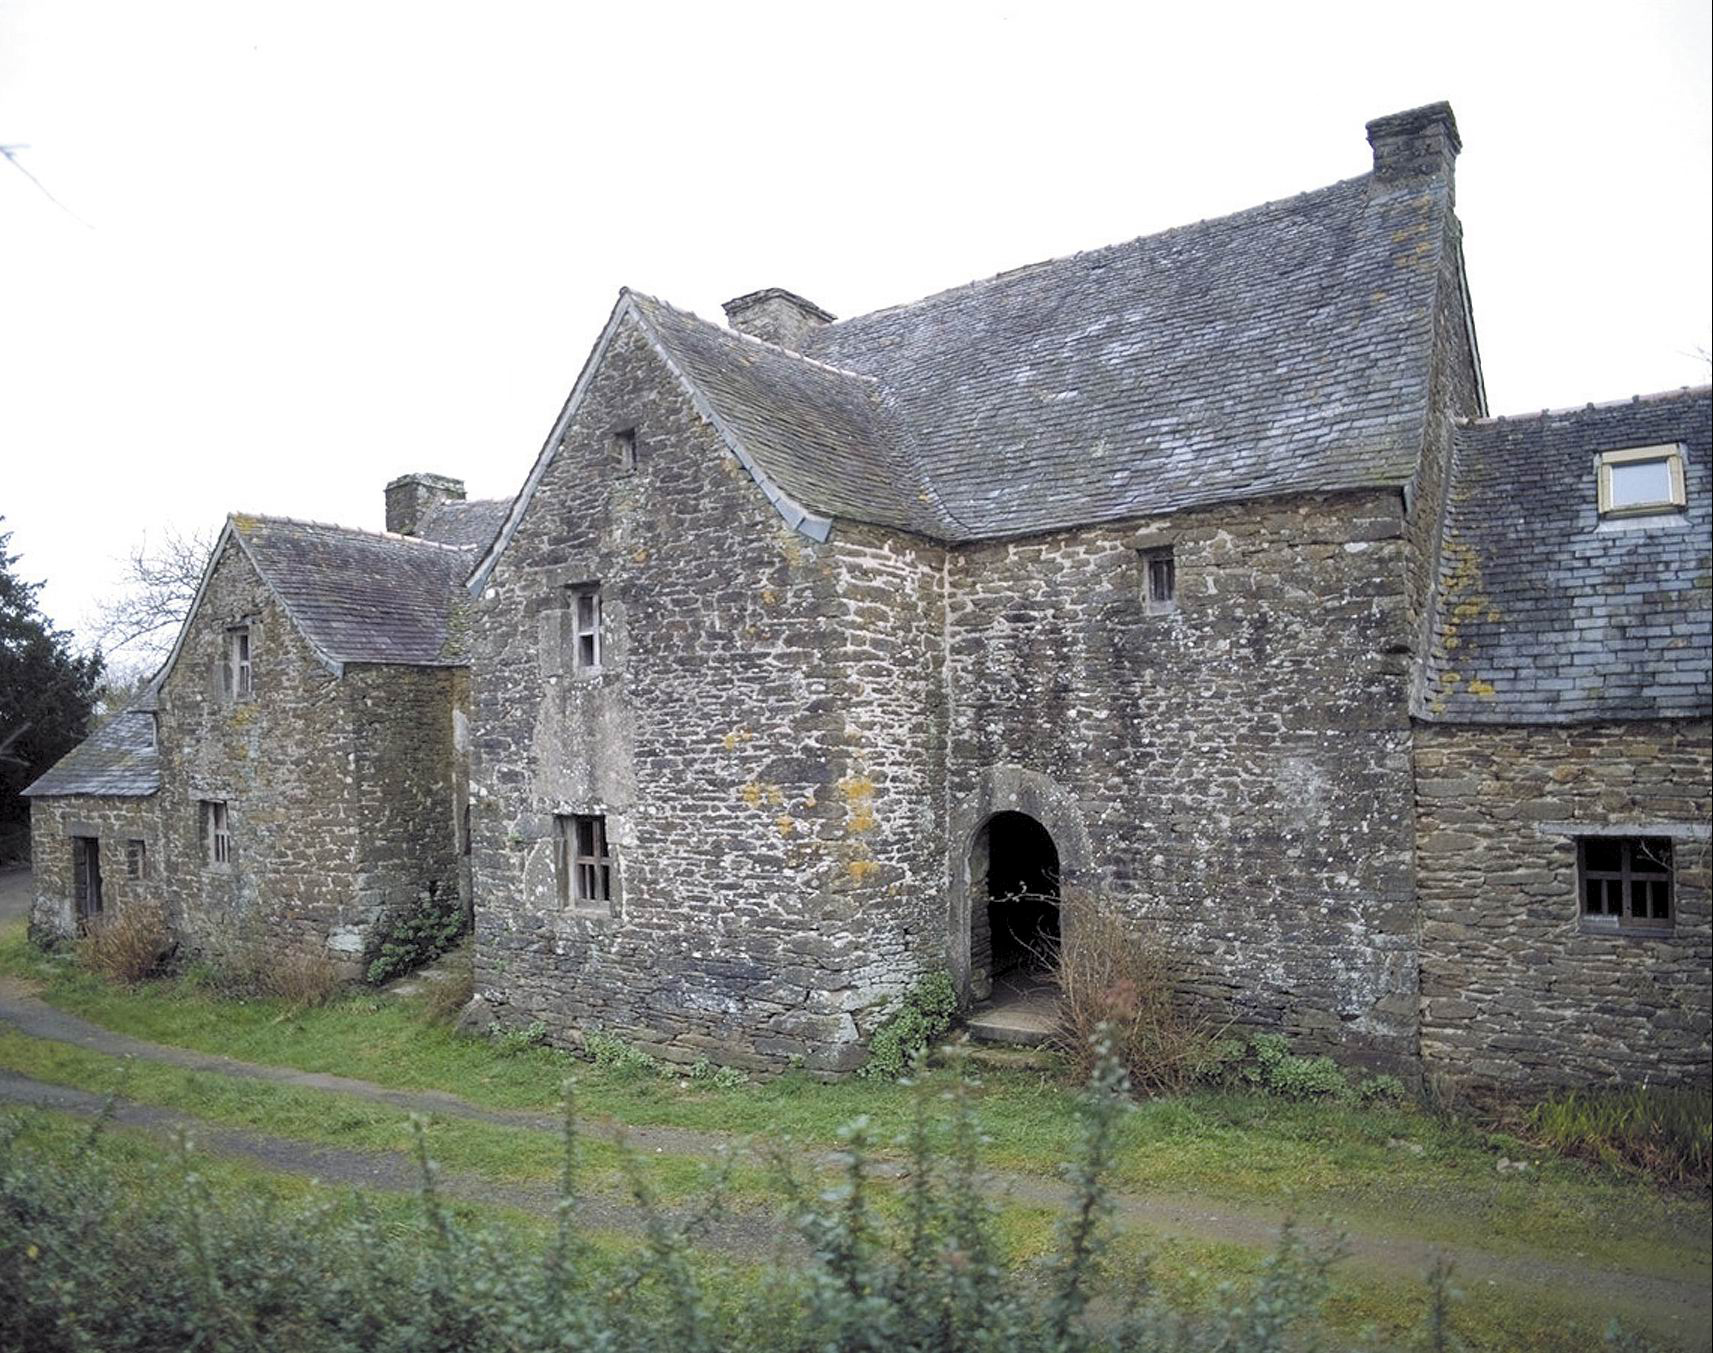 Les maisons avanc e en bretagne entre 1600 et 1900 essai de chronologie p - Maison traditionnelle de bretagne ...